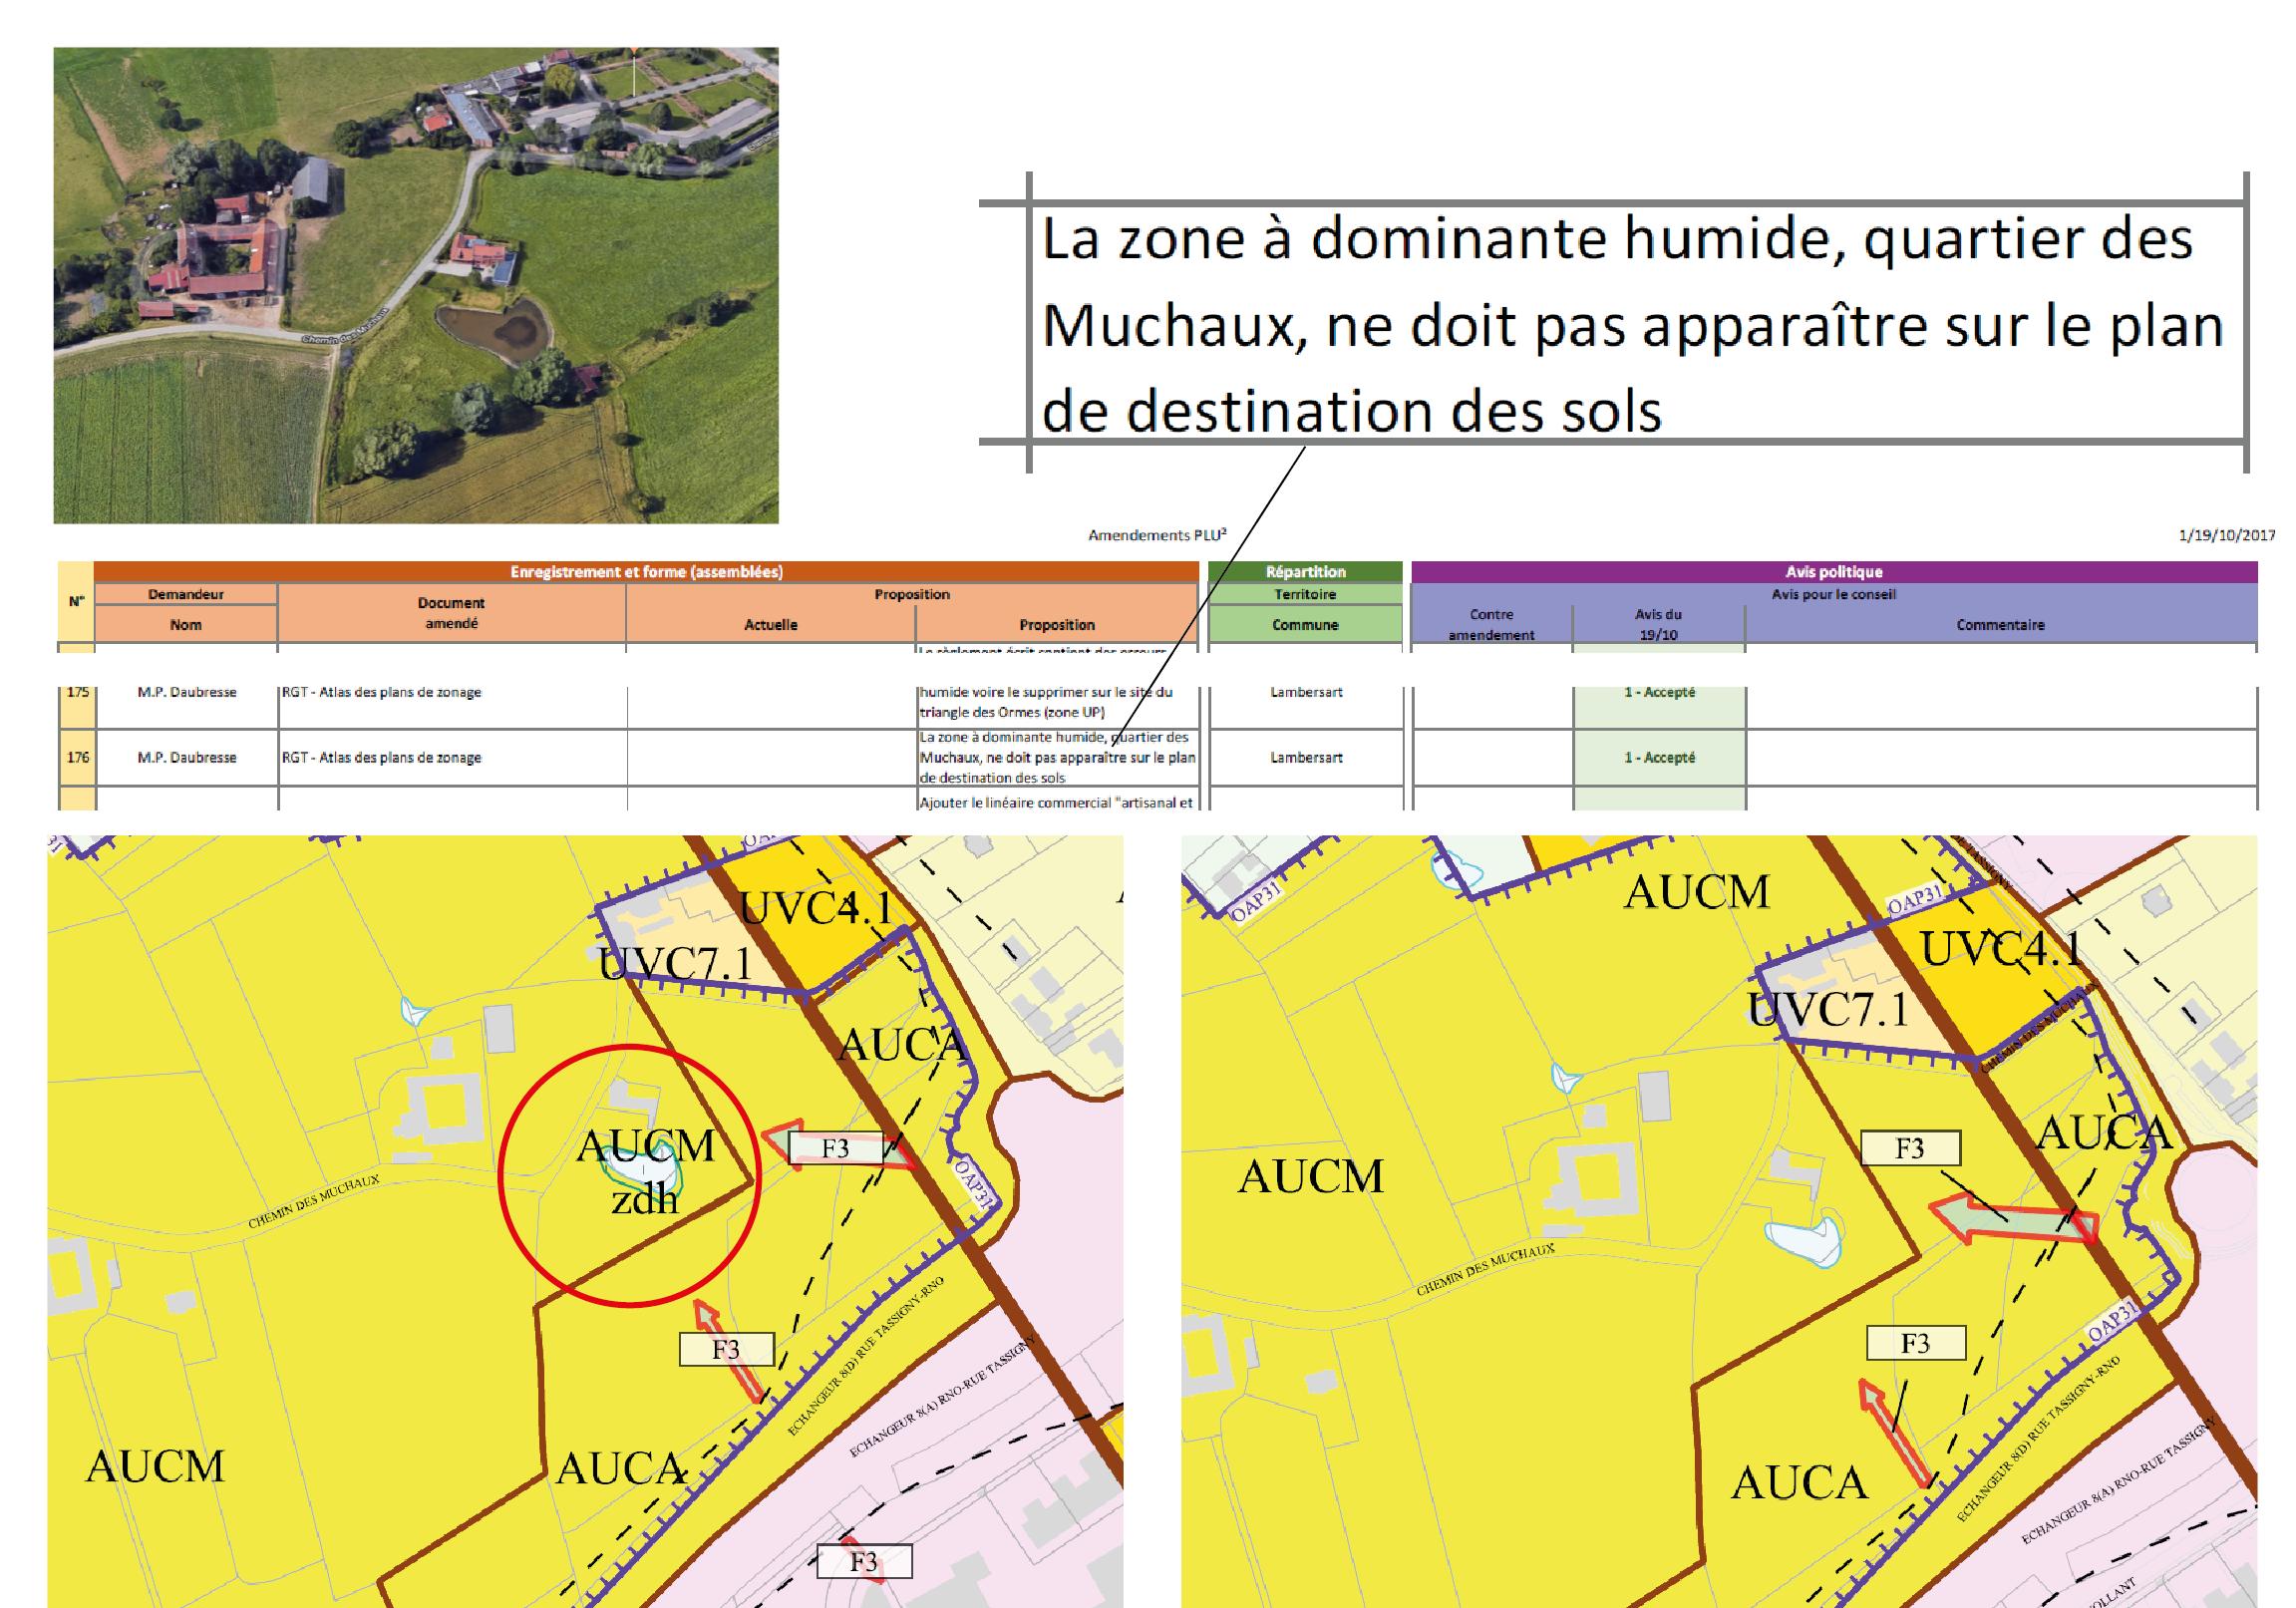 Comparaison entre le Plan de destination des sols avant/après 19/10/2017